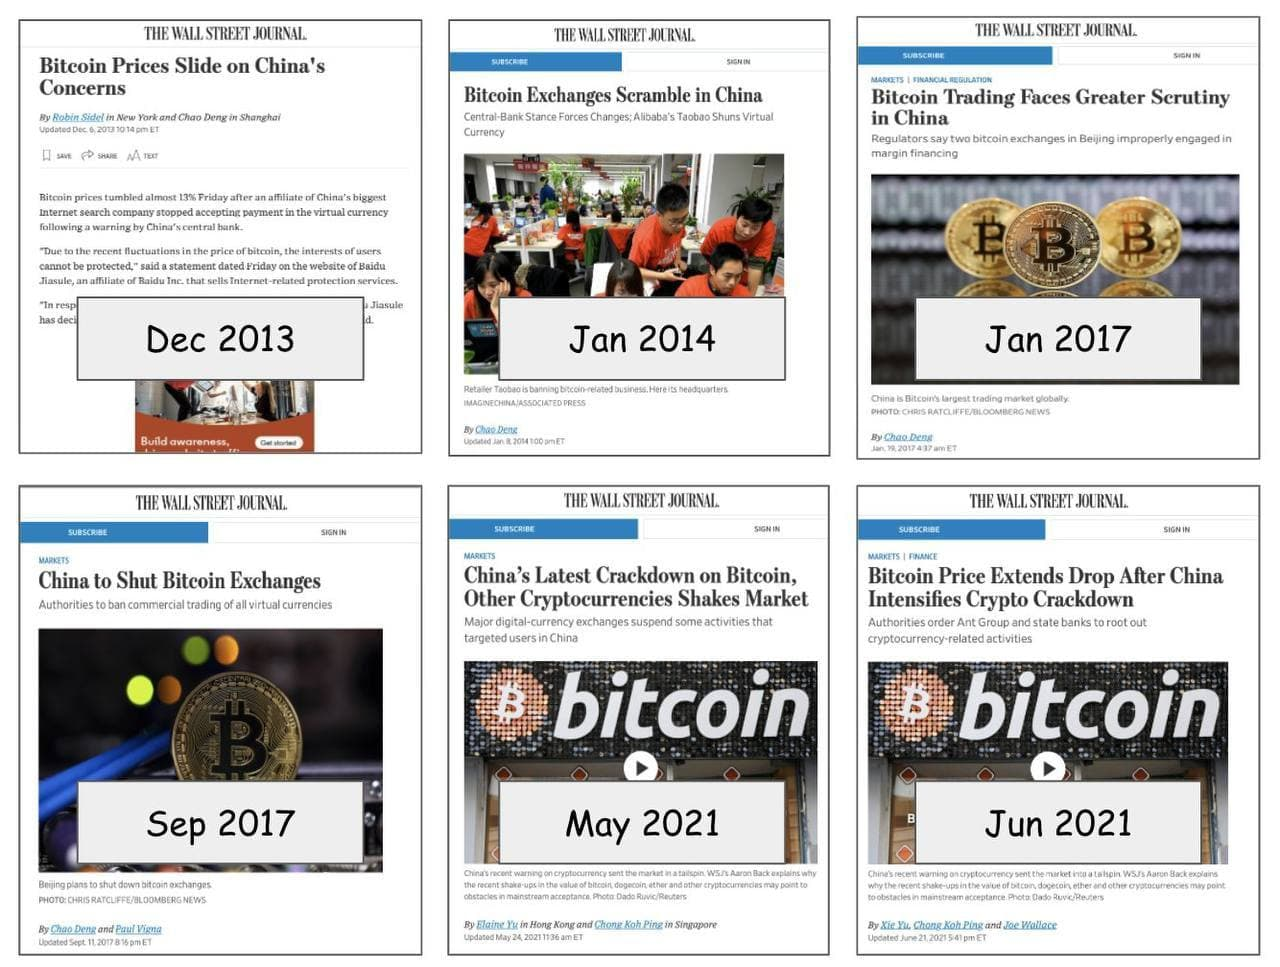 Titulares negativos del Wall Streer Journal relacionados con China y Bitcoin